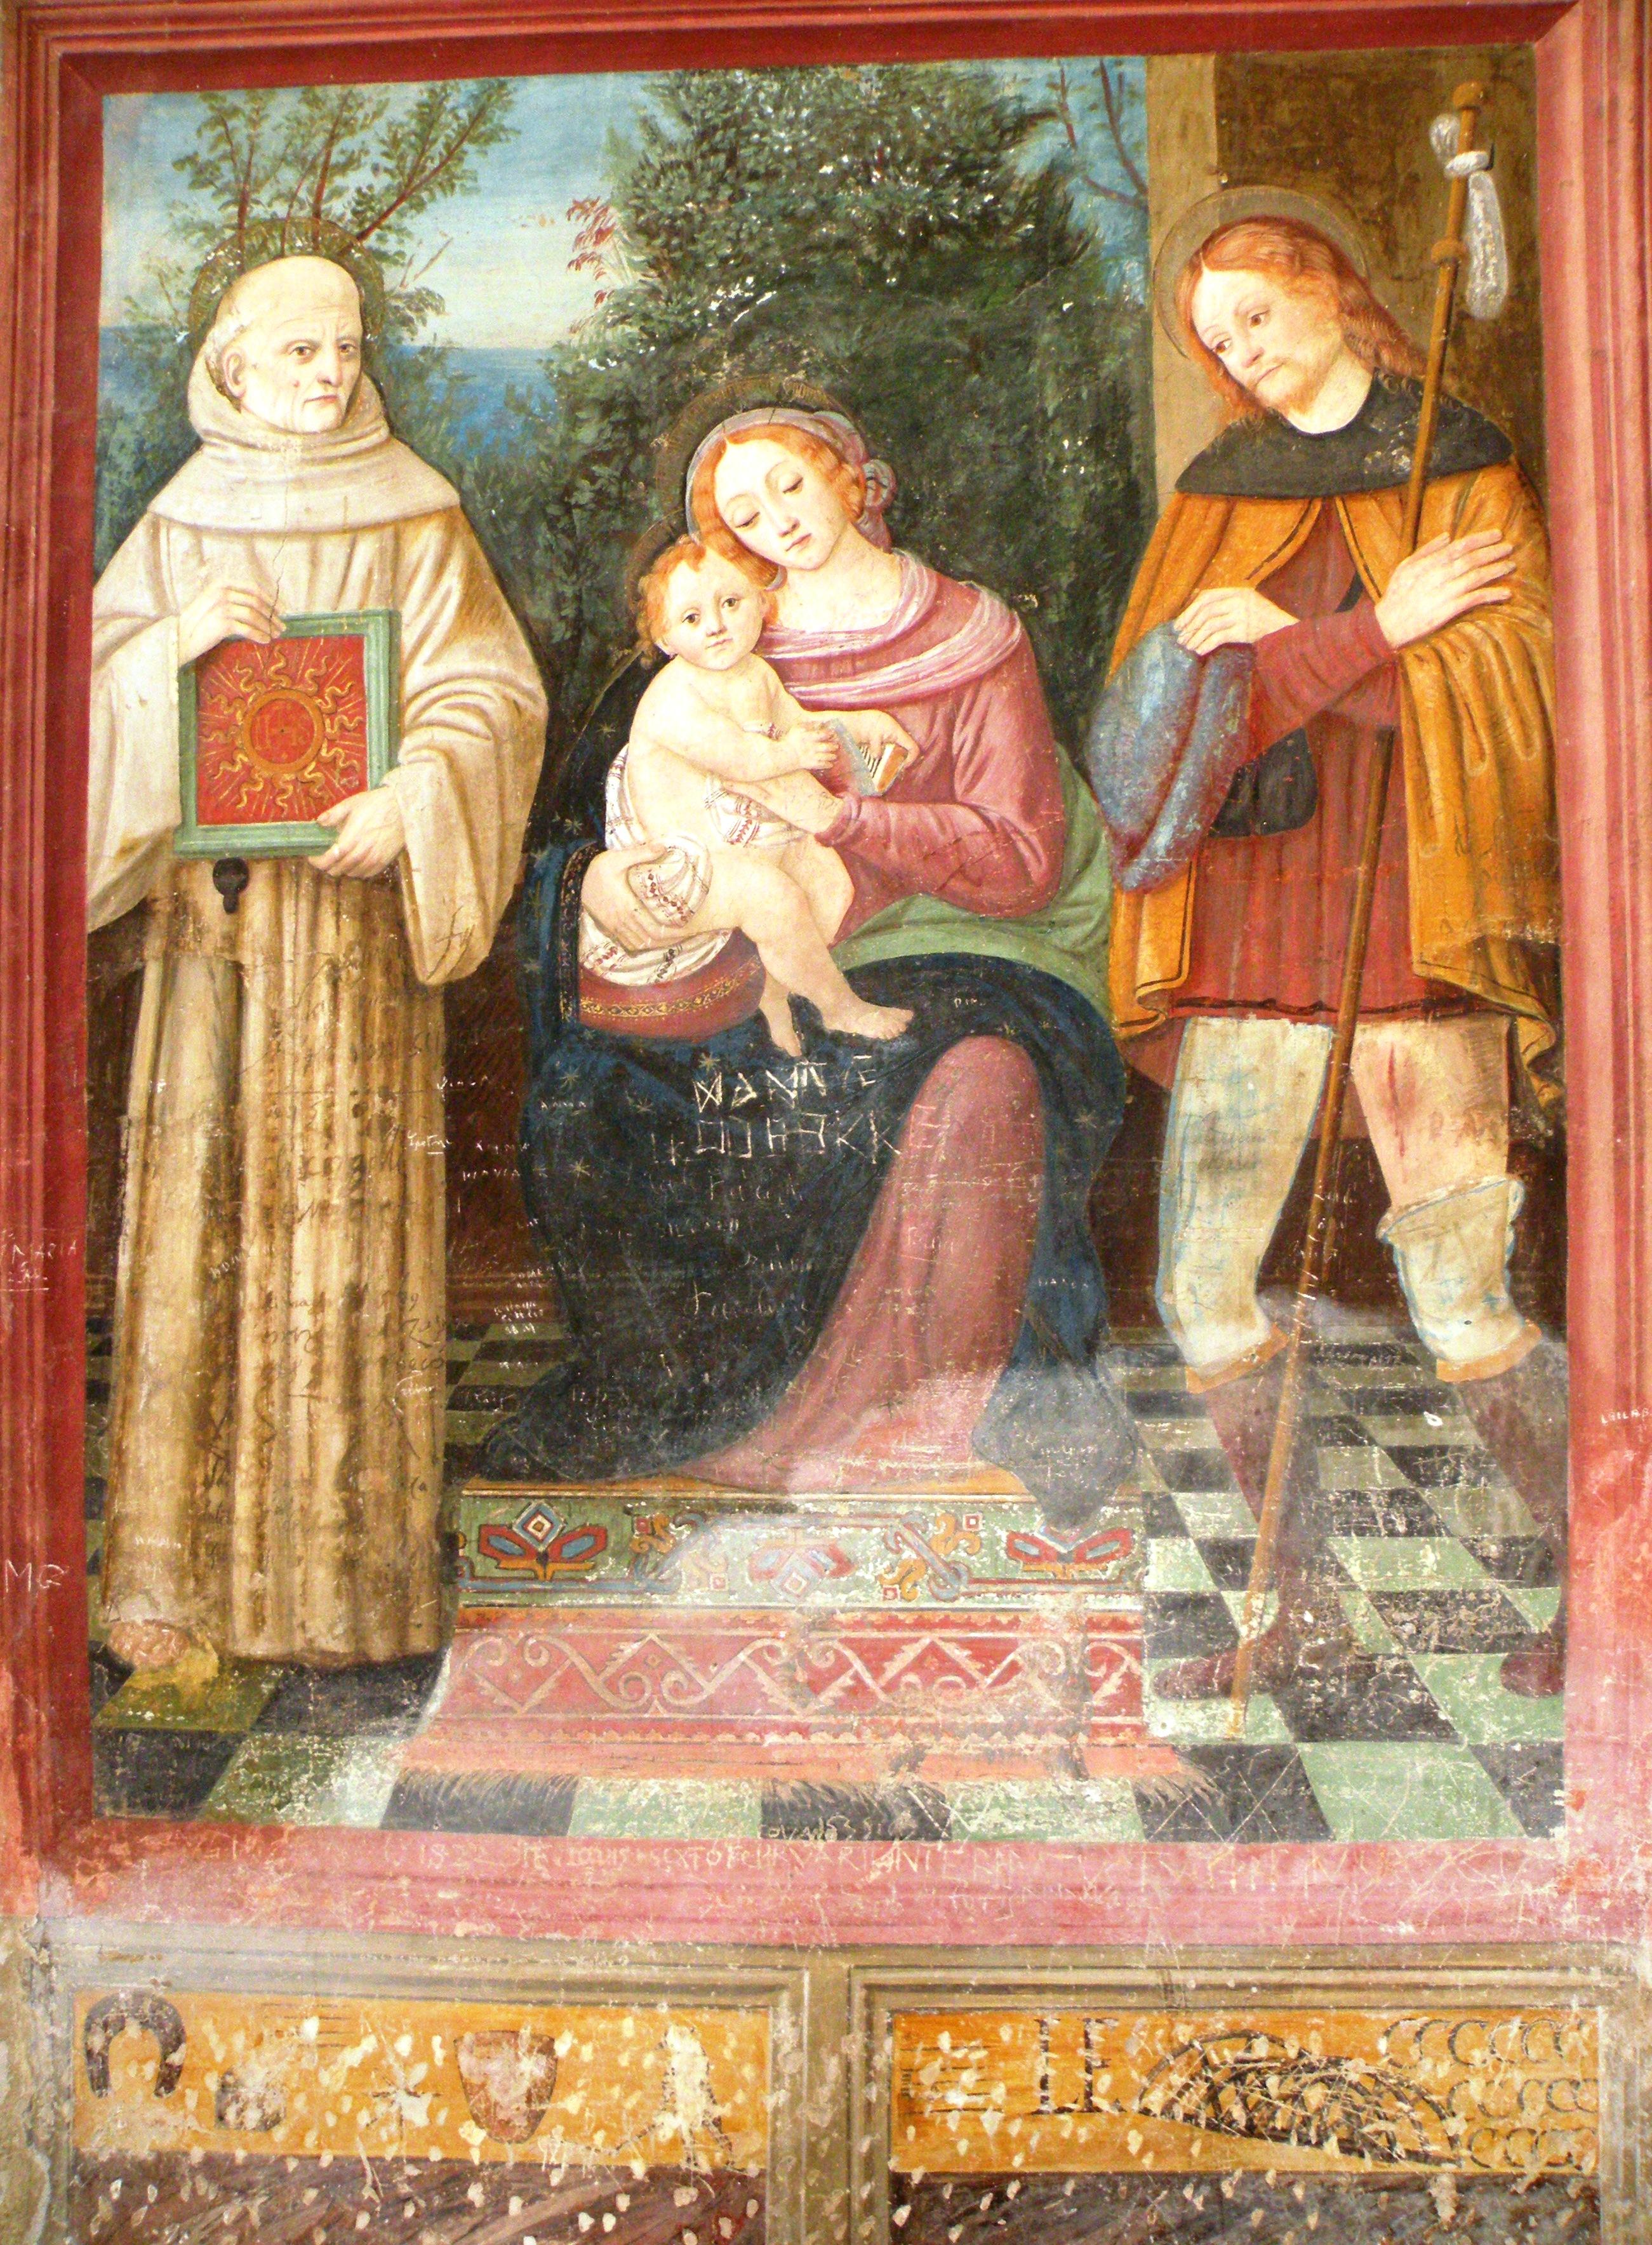 Fermo Stella, Madonna e Bambino tra san Bernardino da Siena e San Rocco, Caravaggio, Chiesa di San Bernardino, affresco. Nella parte inferiore del dipinto, alla base della finta cornice rossa la firma-rebus di Fermo Stella